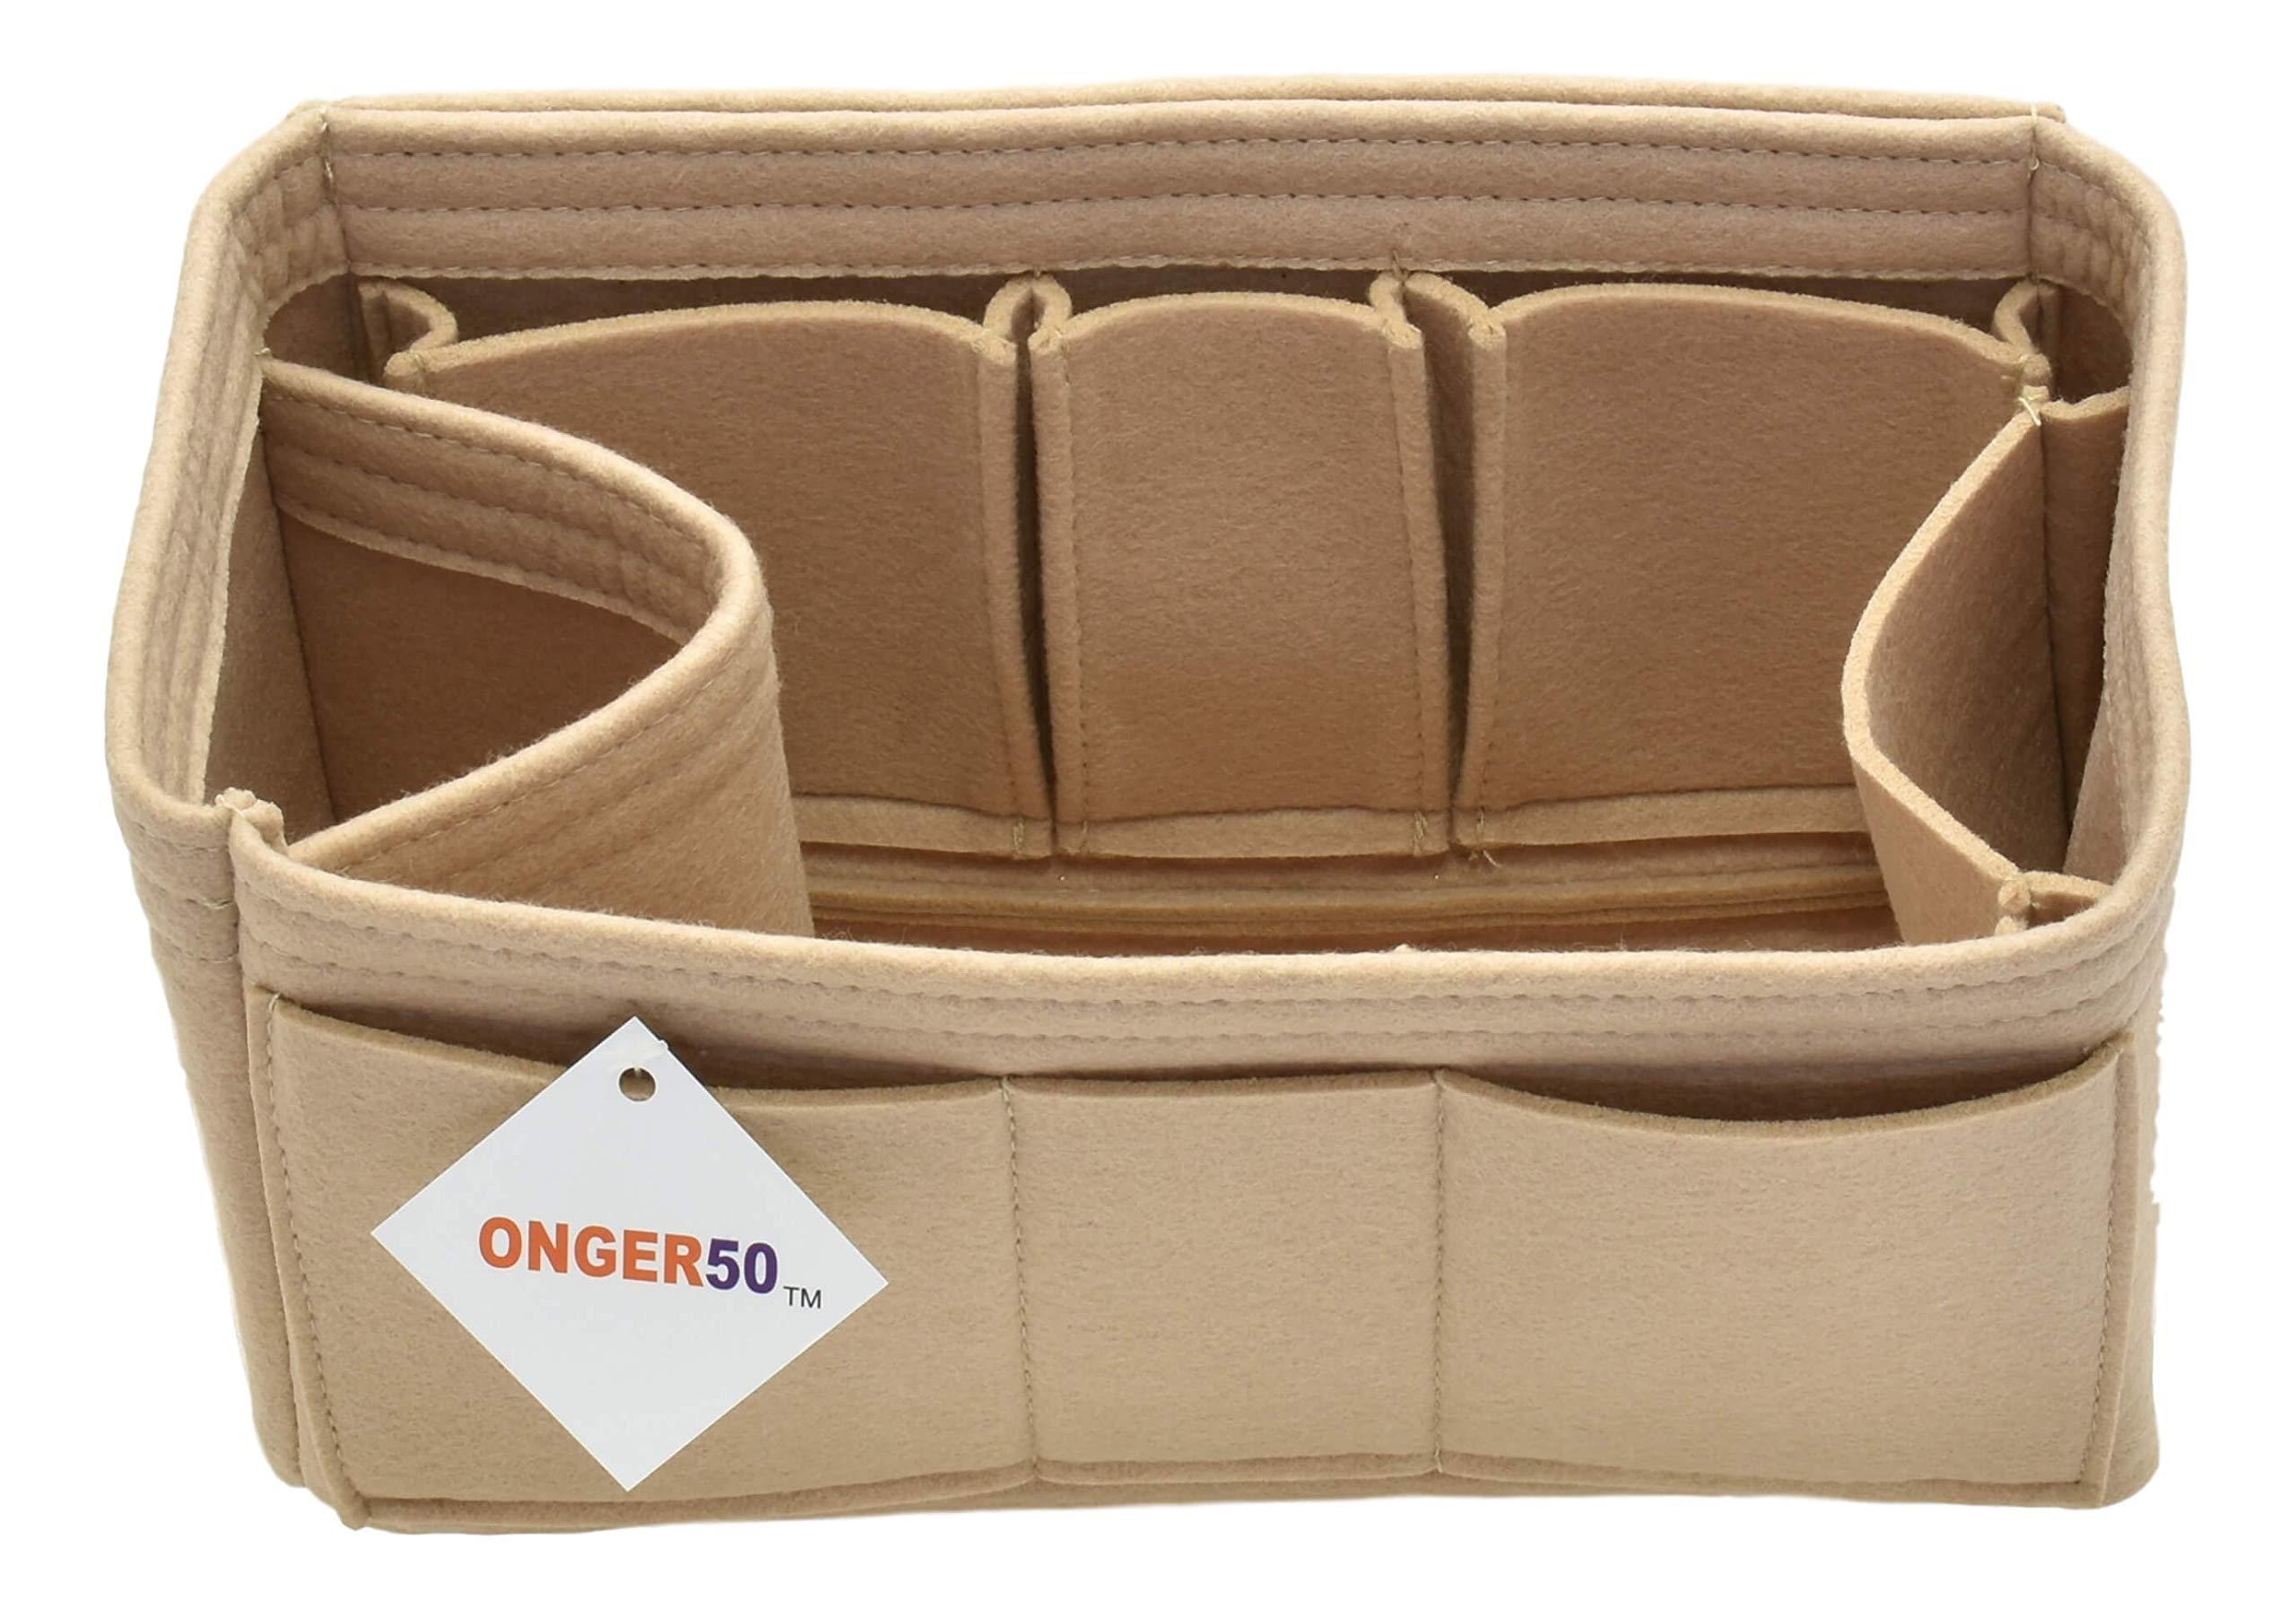 Purse Organizer Insert - Felt Handbag Tote Storage Organizer (Small, Beige)